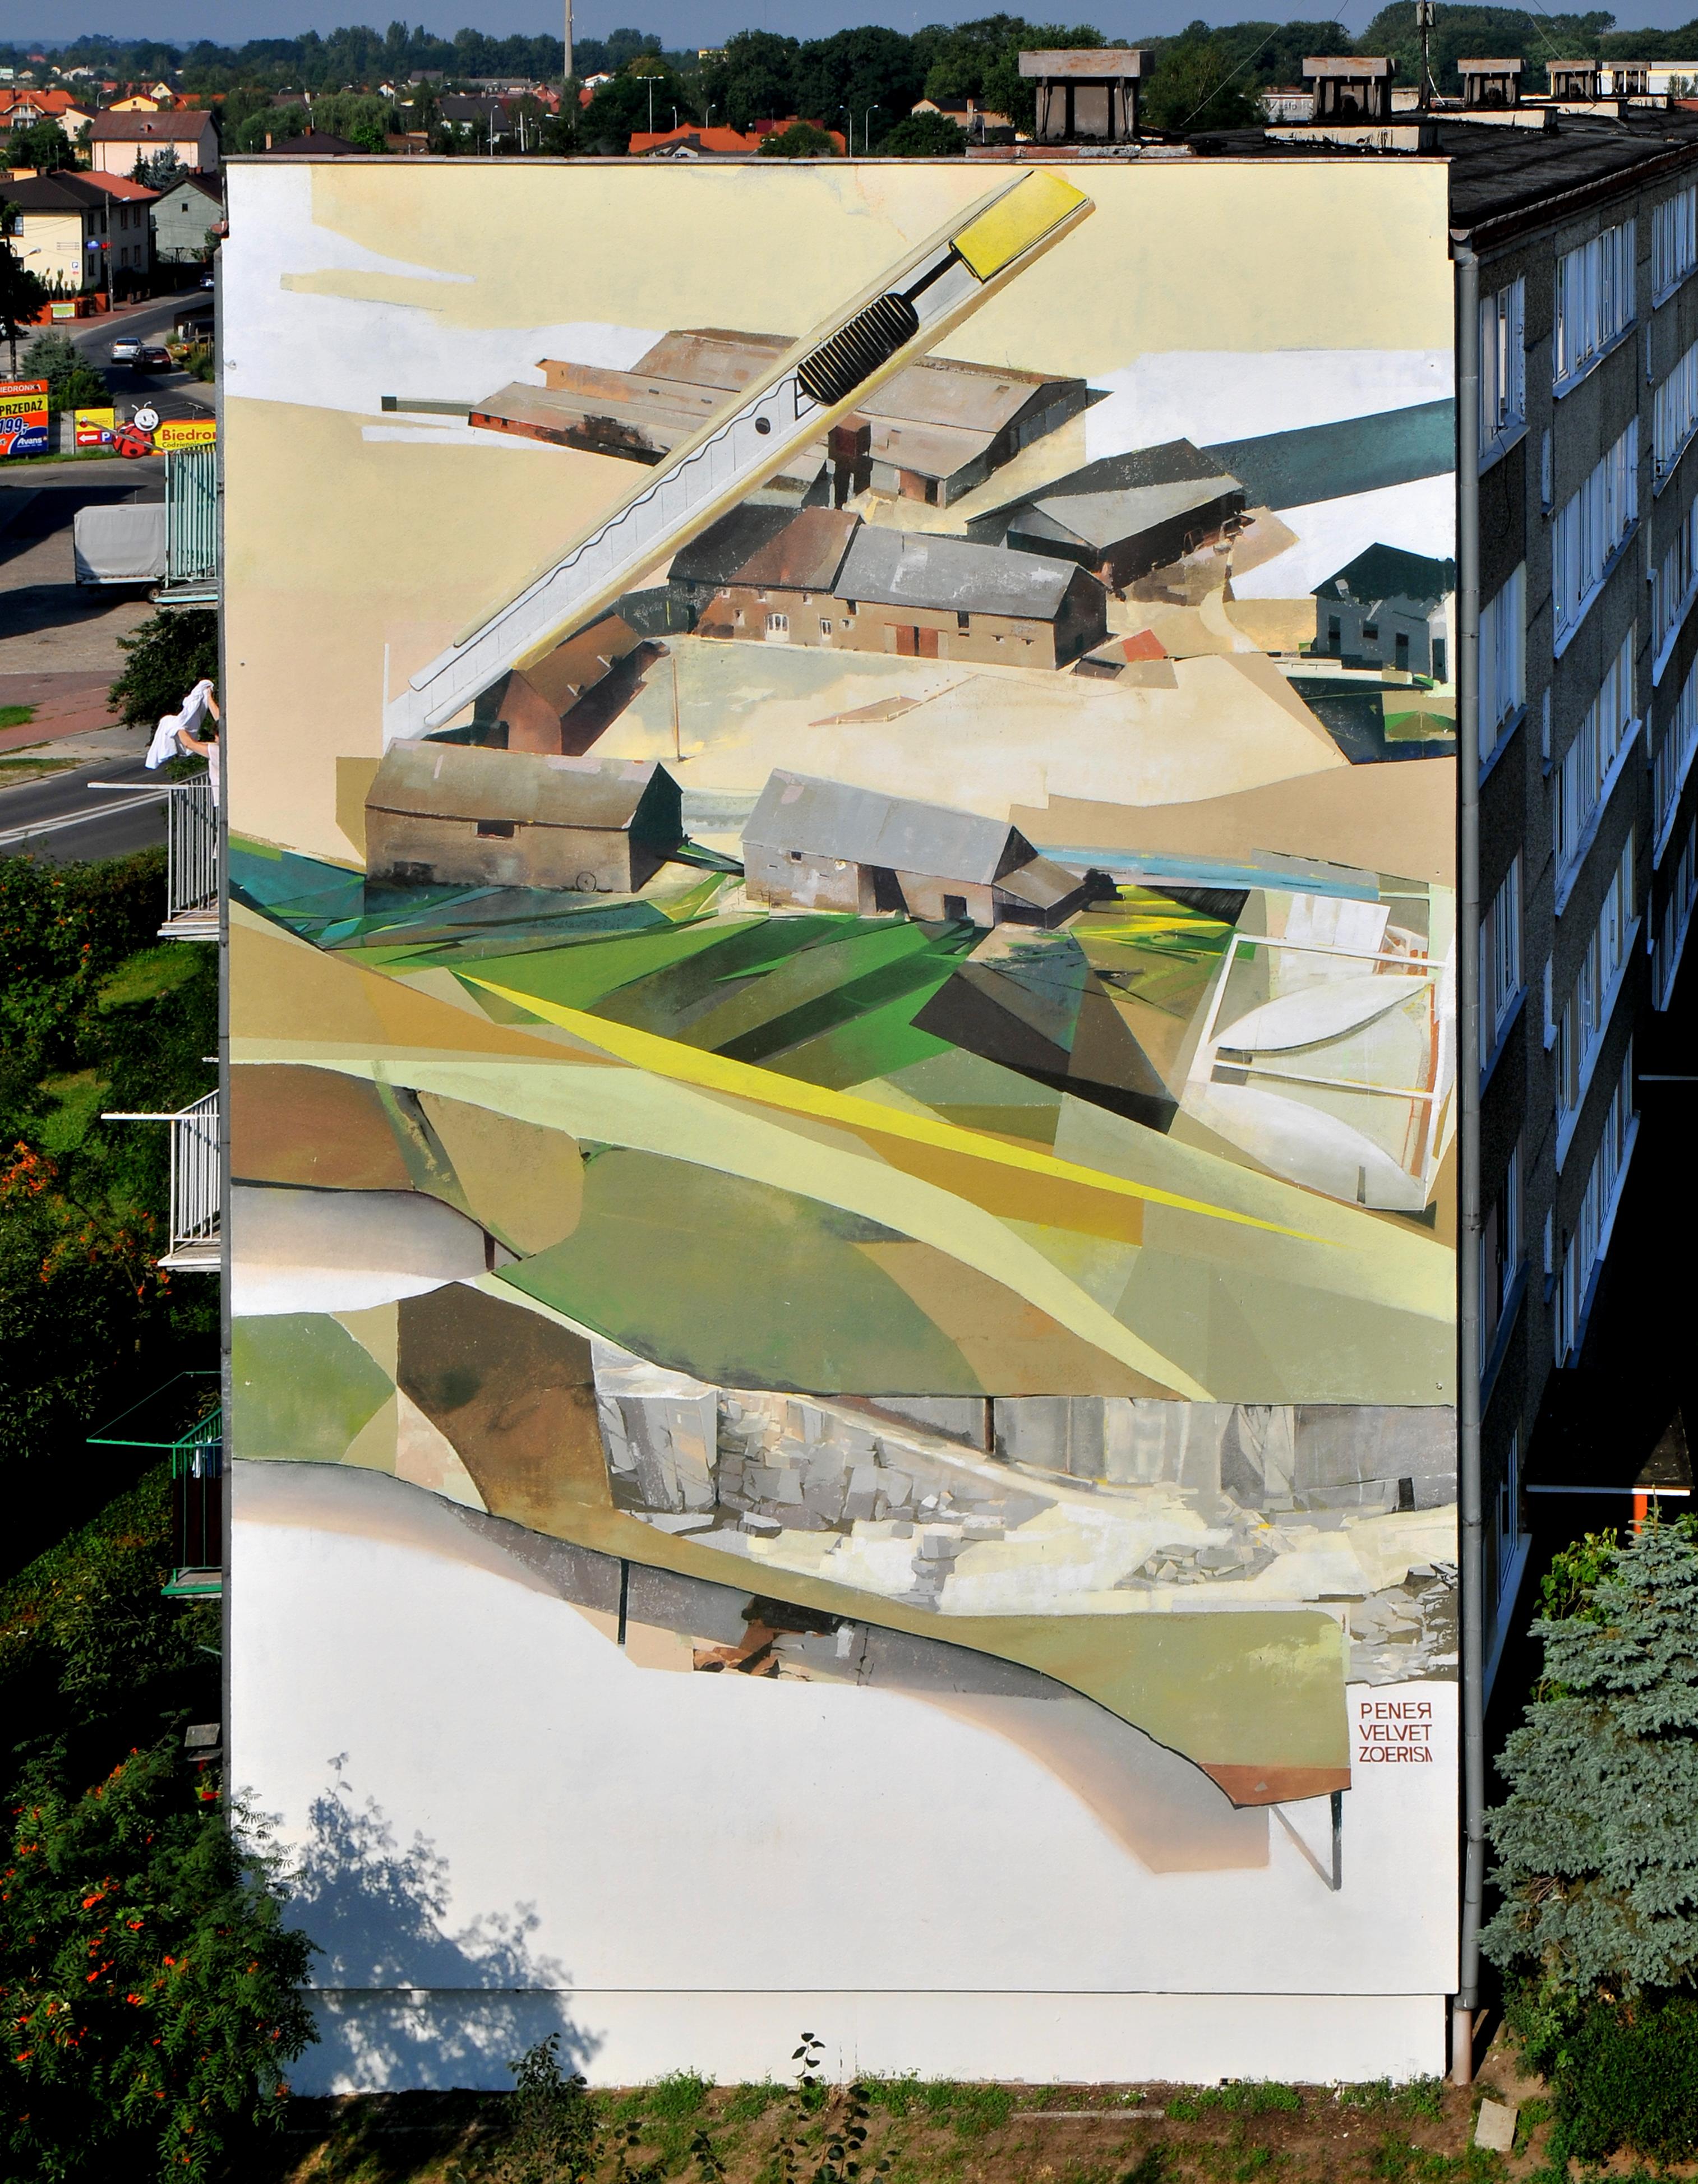 """Pener Velvet, and Zoer - """"Vertical Farming"""" in Turek, Poland. Via Graffuturism."""